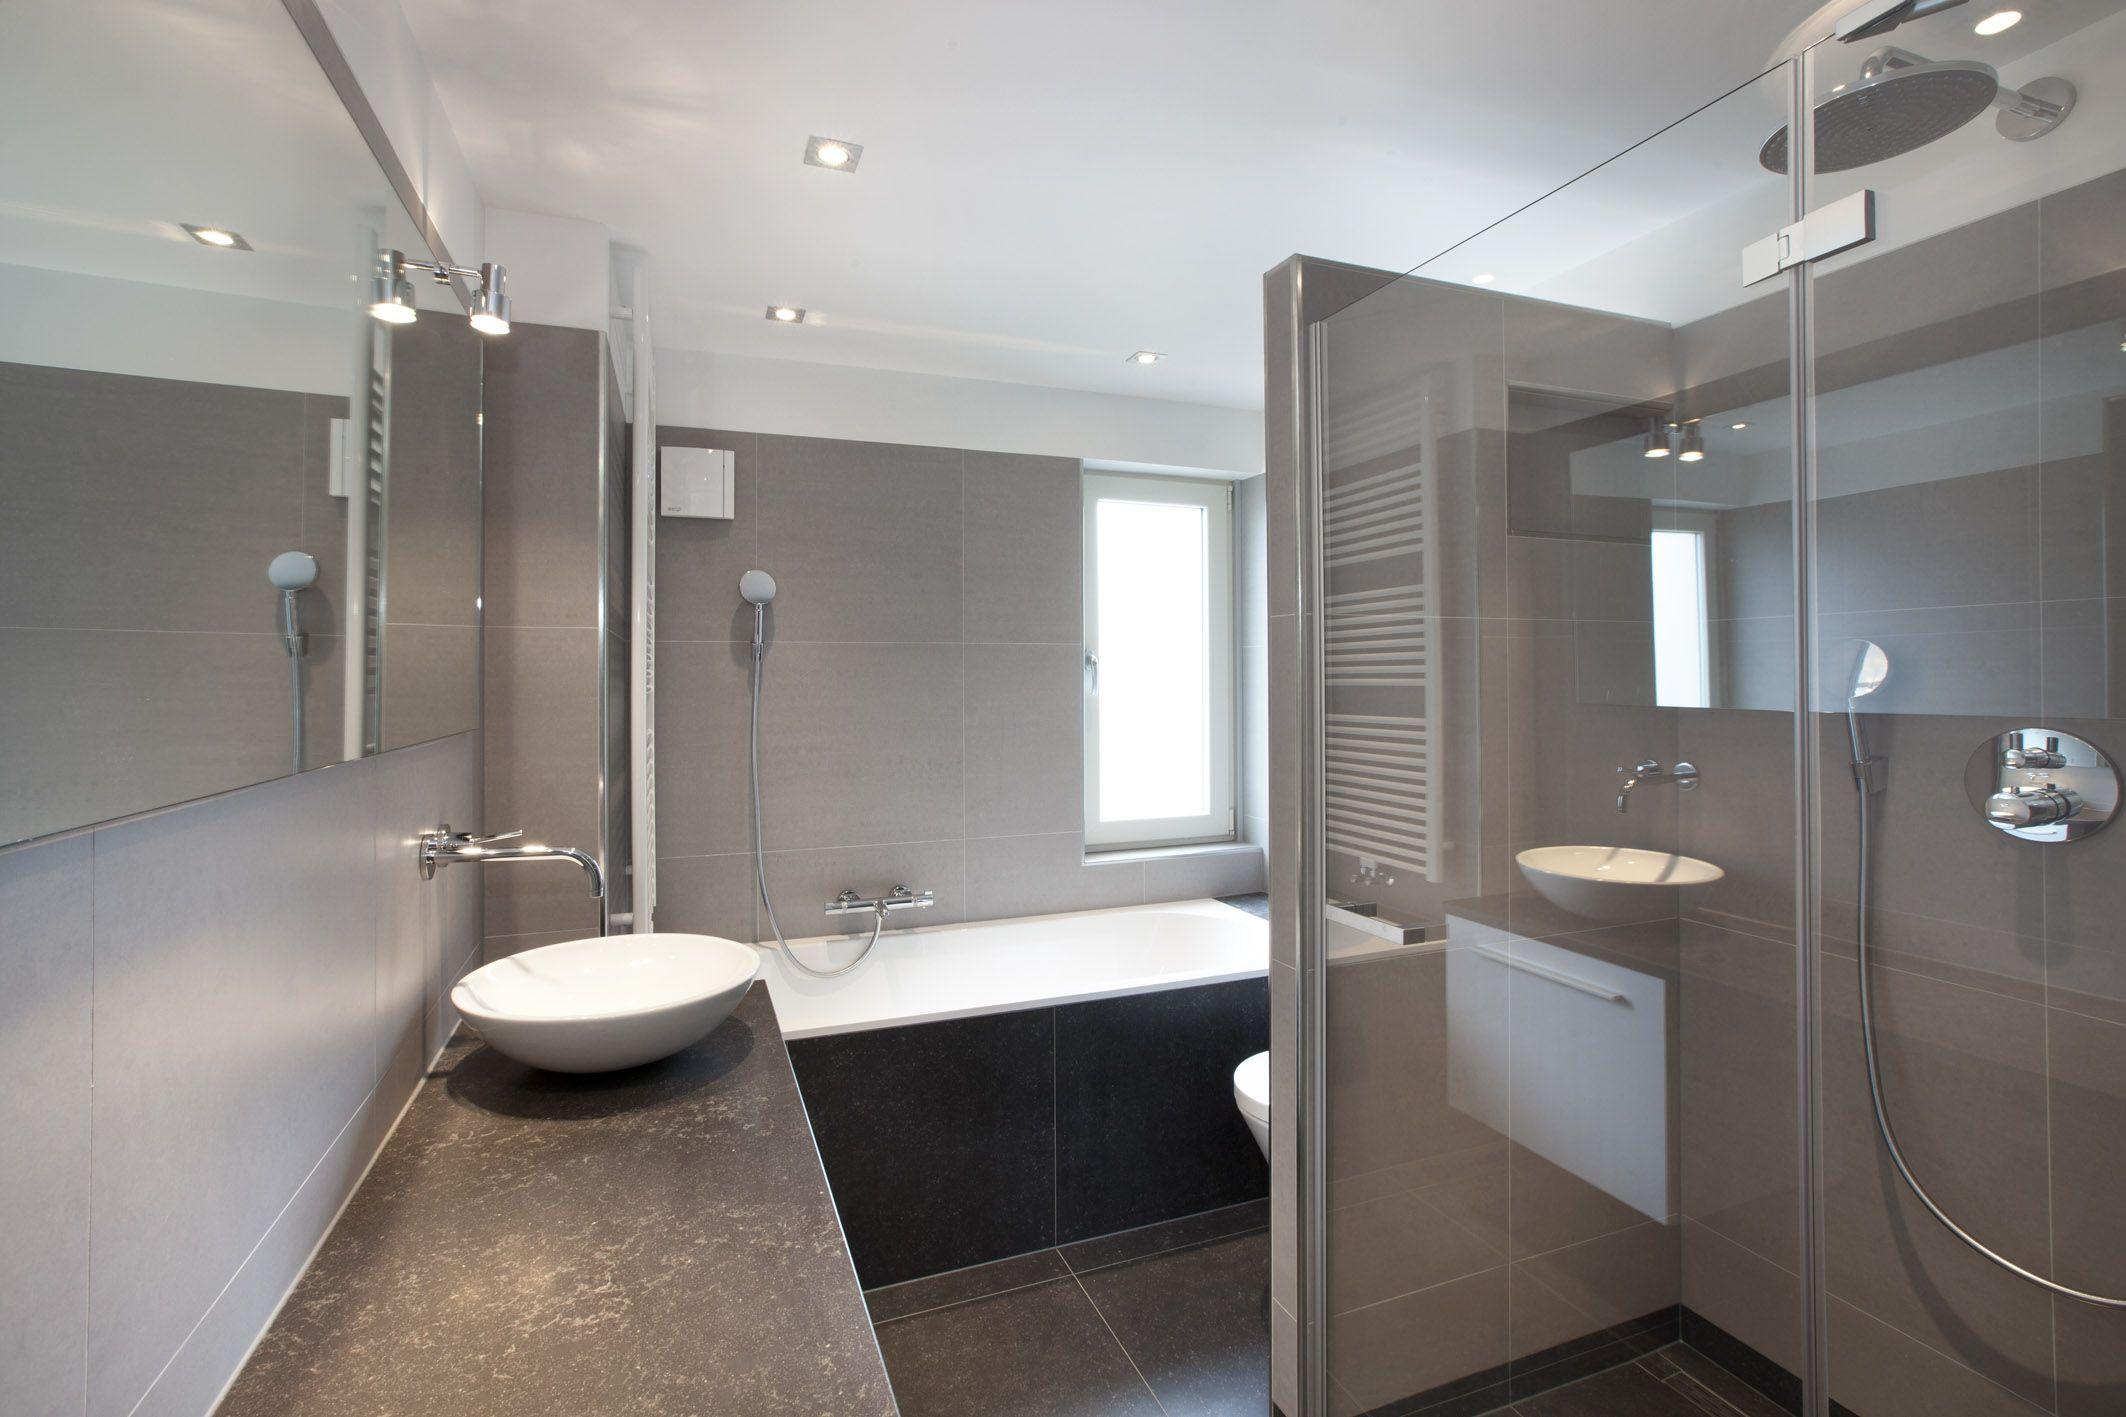 Bad design badkamer keuken bad wijchen villeroy boch badkamer